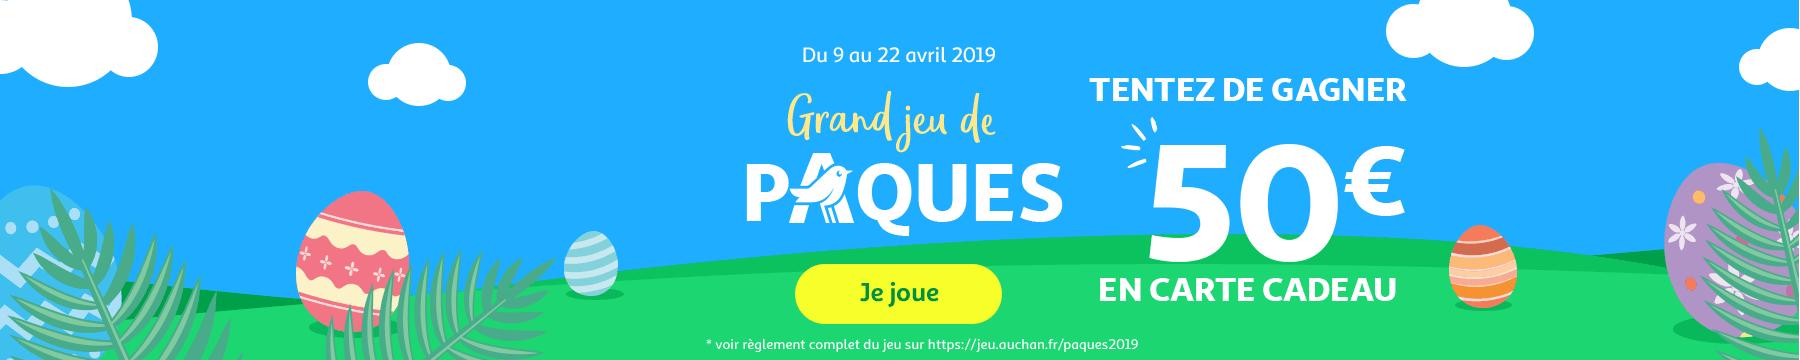 Du 9 au 22 avril 2019 : le grand jeu de Pâques